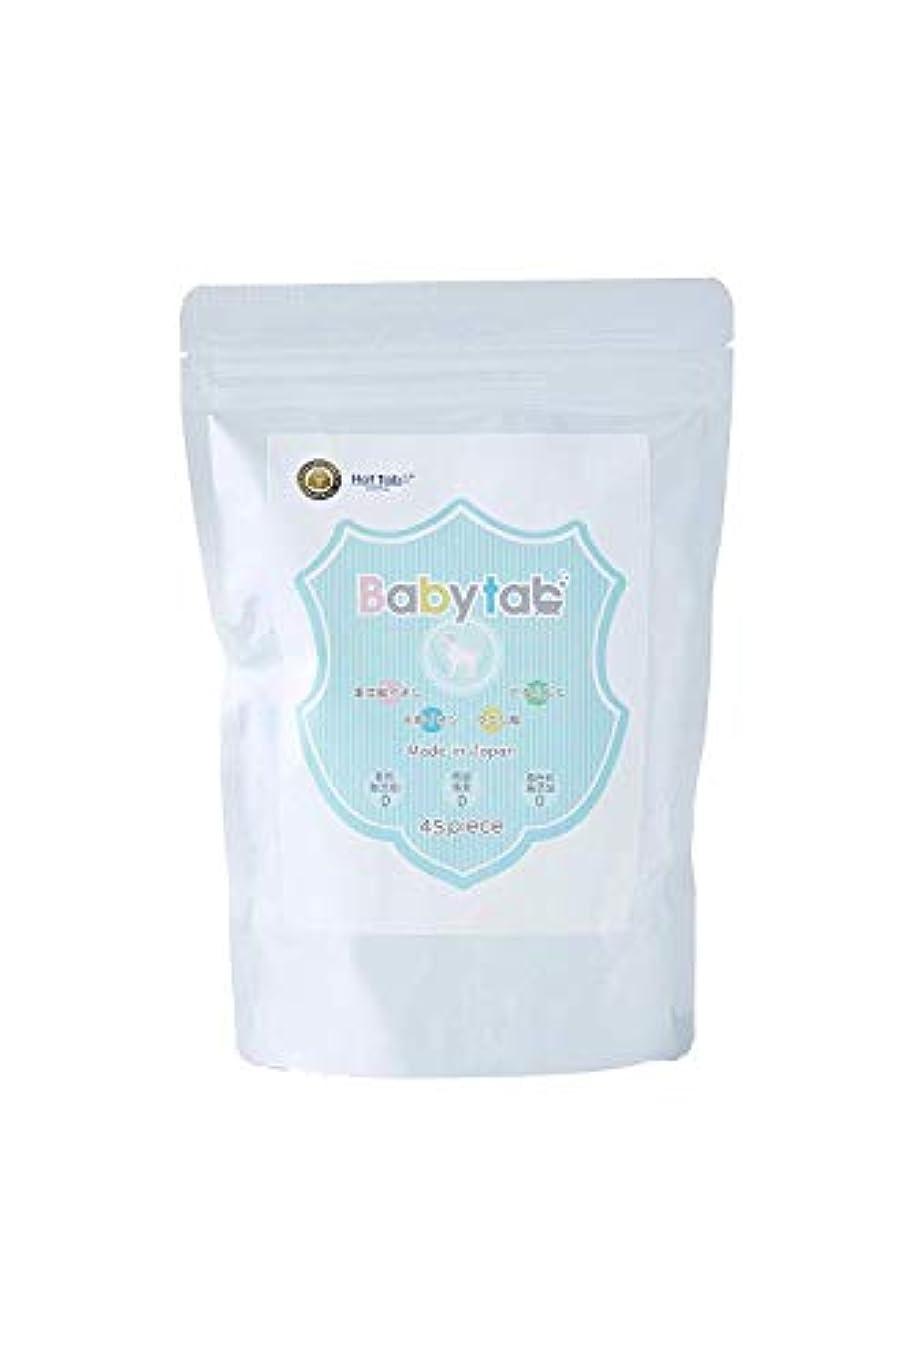 いつもギネス適用するベビタブ【Babytab】重炭酸 中性 入浴剤 沐浴剤 45錠入り(無添加 無香料 保湿 乾燥肌 オーガニック あせも 塩素除去)赤ちゃんから使える